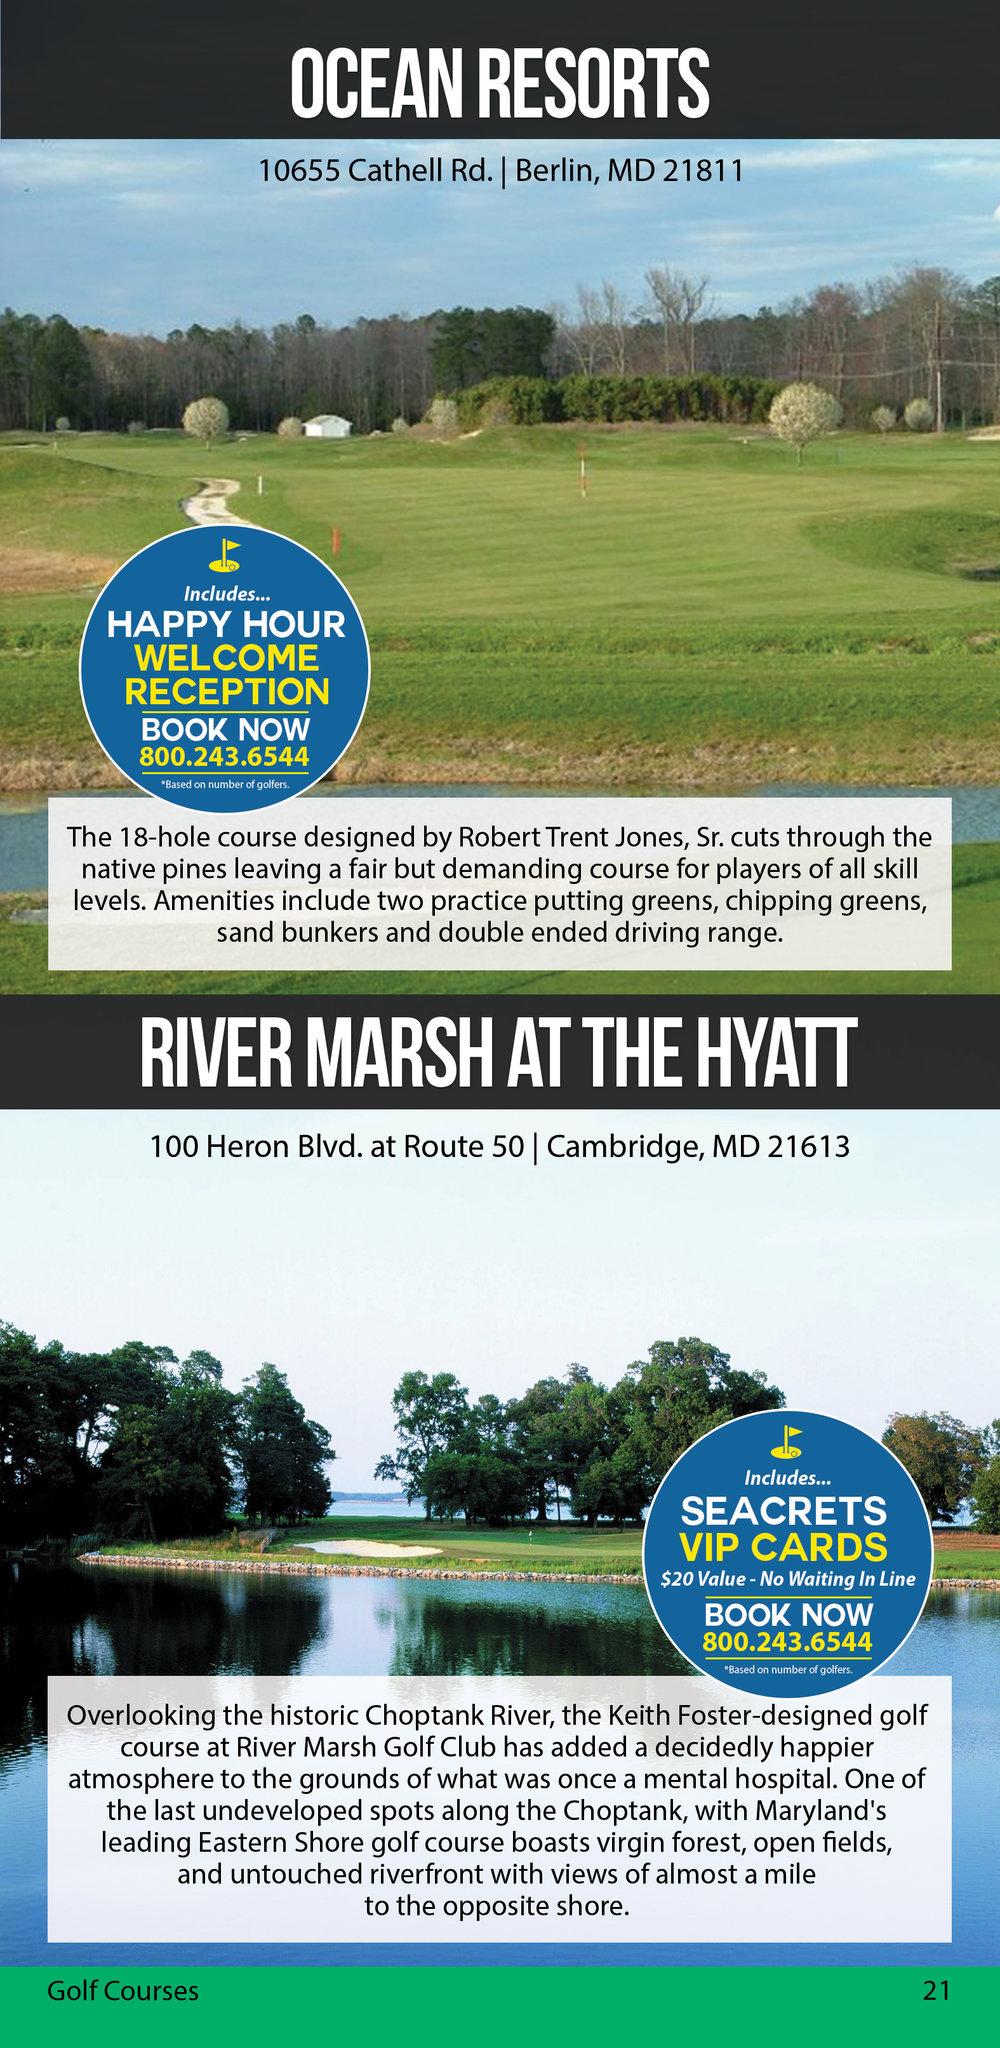 Page-21-Ocean-Resorts-&-River-Marsh.jpg